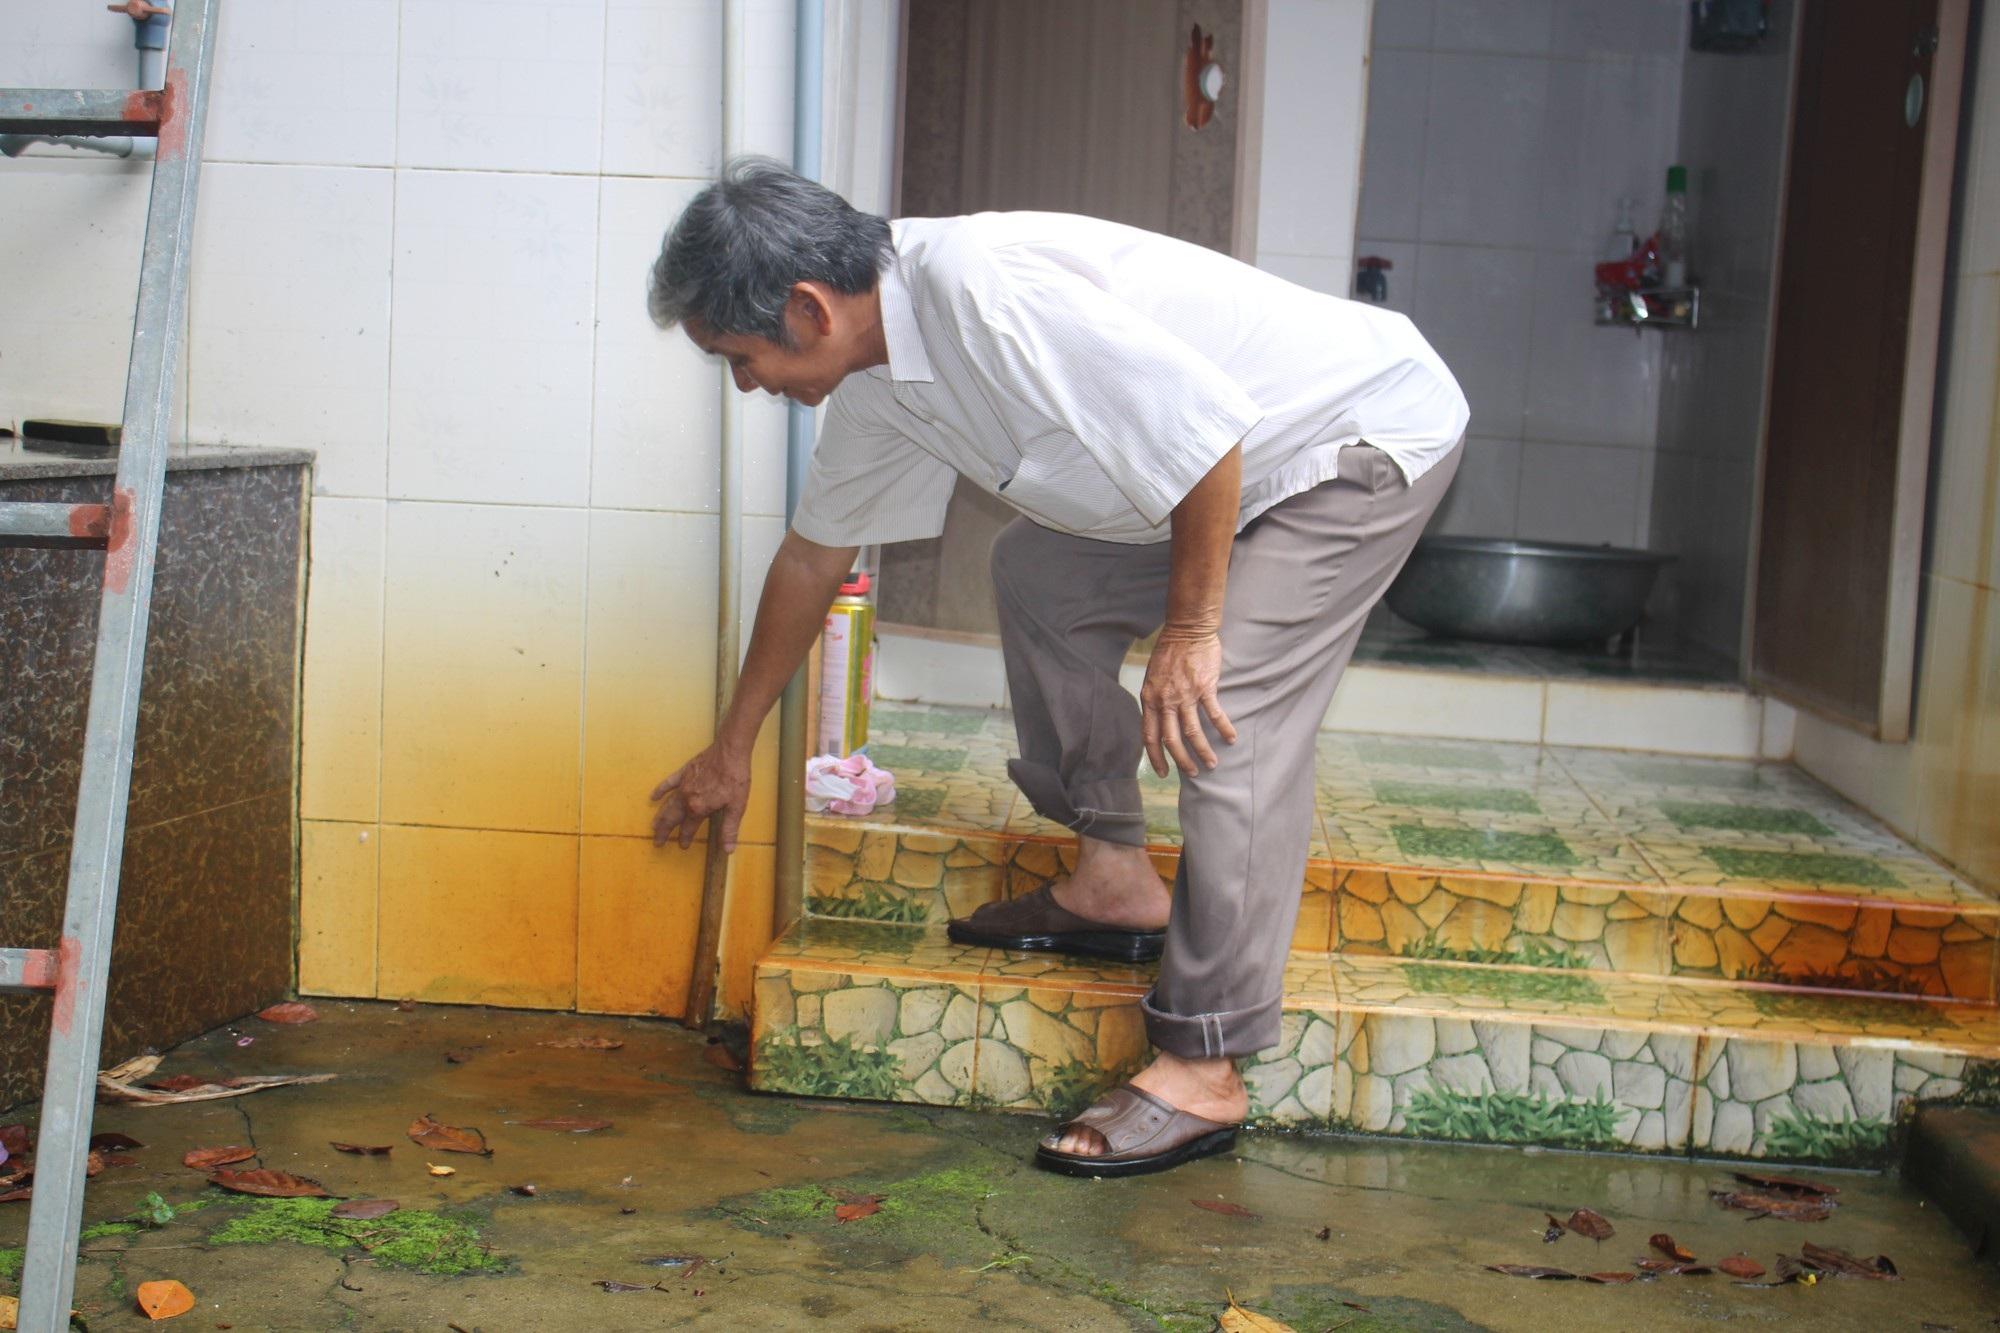 Hàng trăm hộ dân dùng nước nhiễm phèn vàng như nghệ - Ảnh 3.